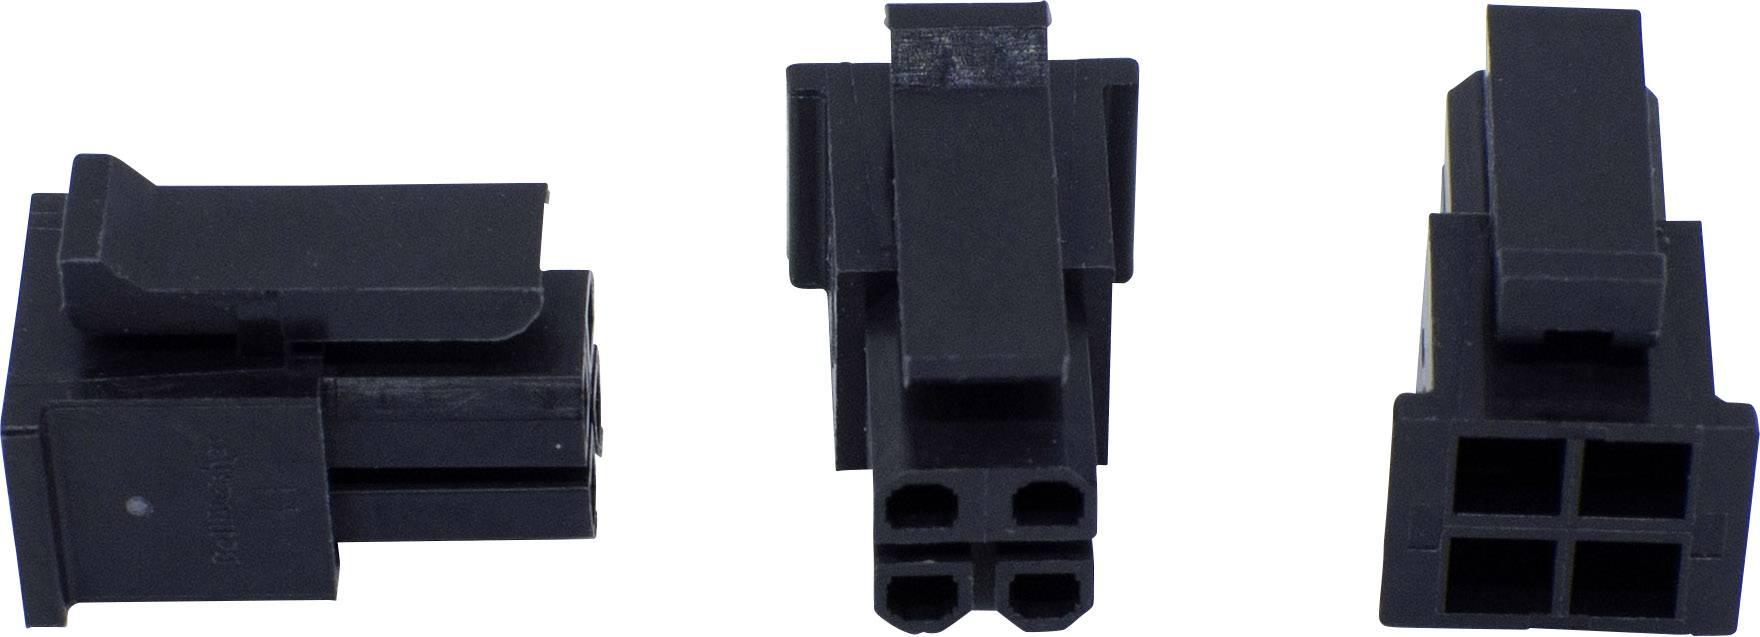 Zásuvkový konektor na kabel BellWether 70093-2000, pólů 20, rozteč 3 mm, 1 ks